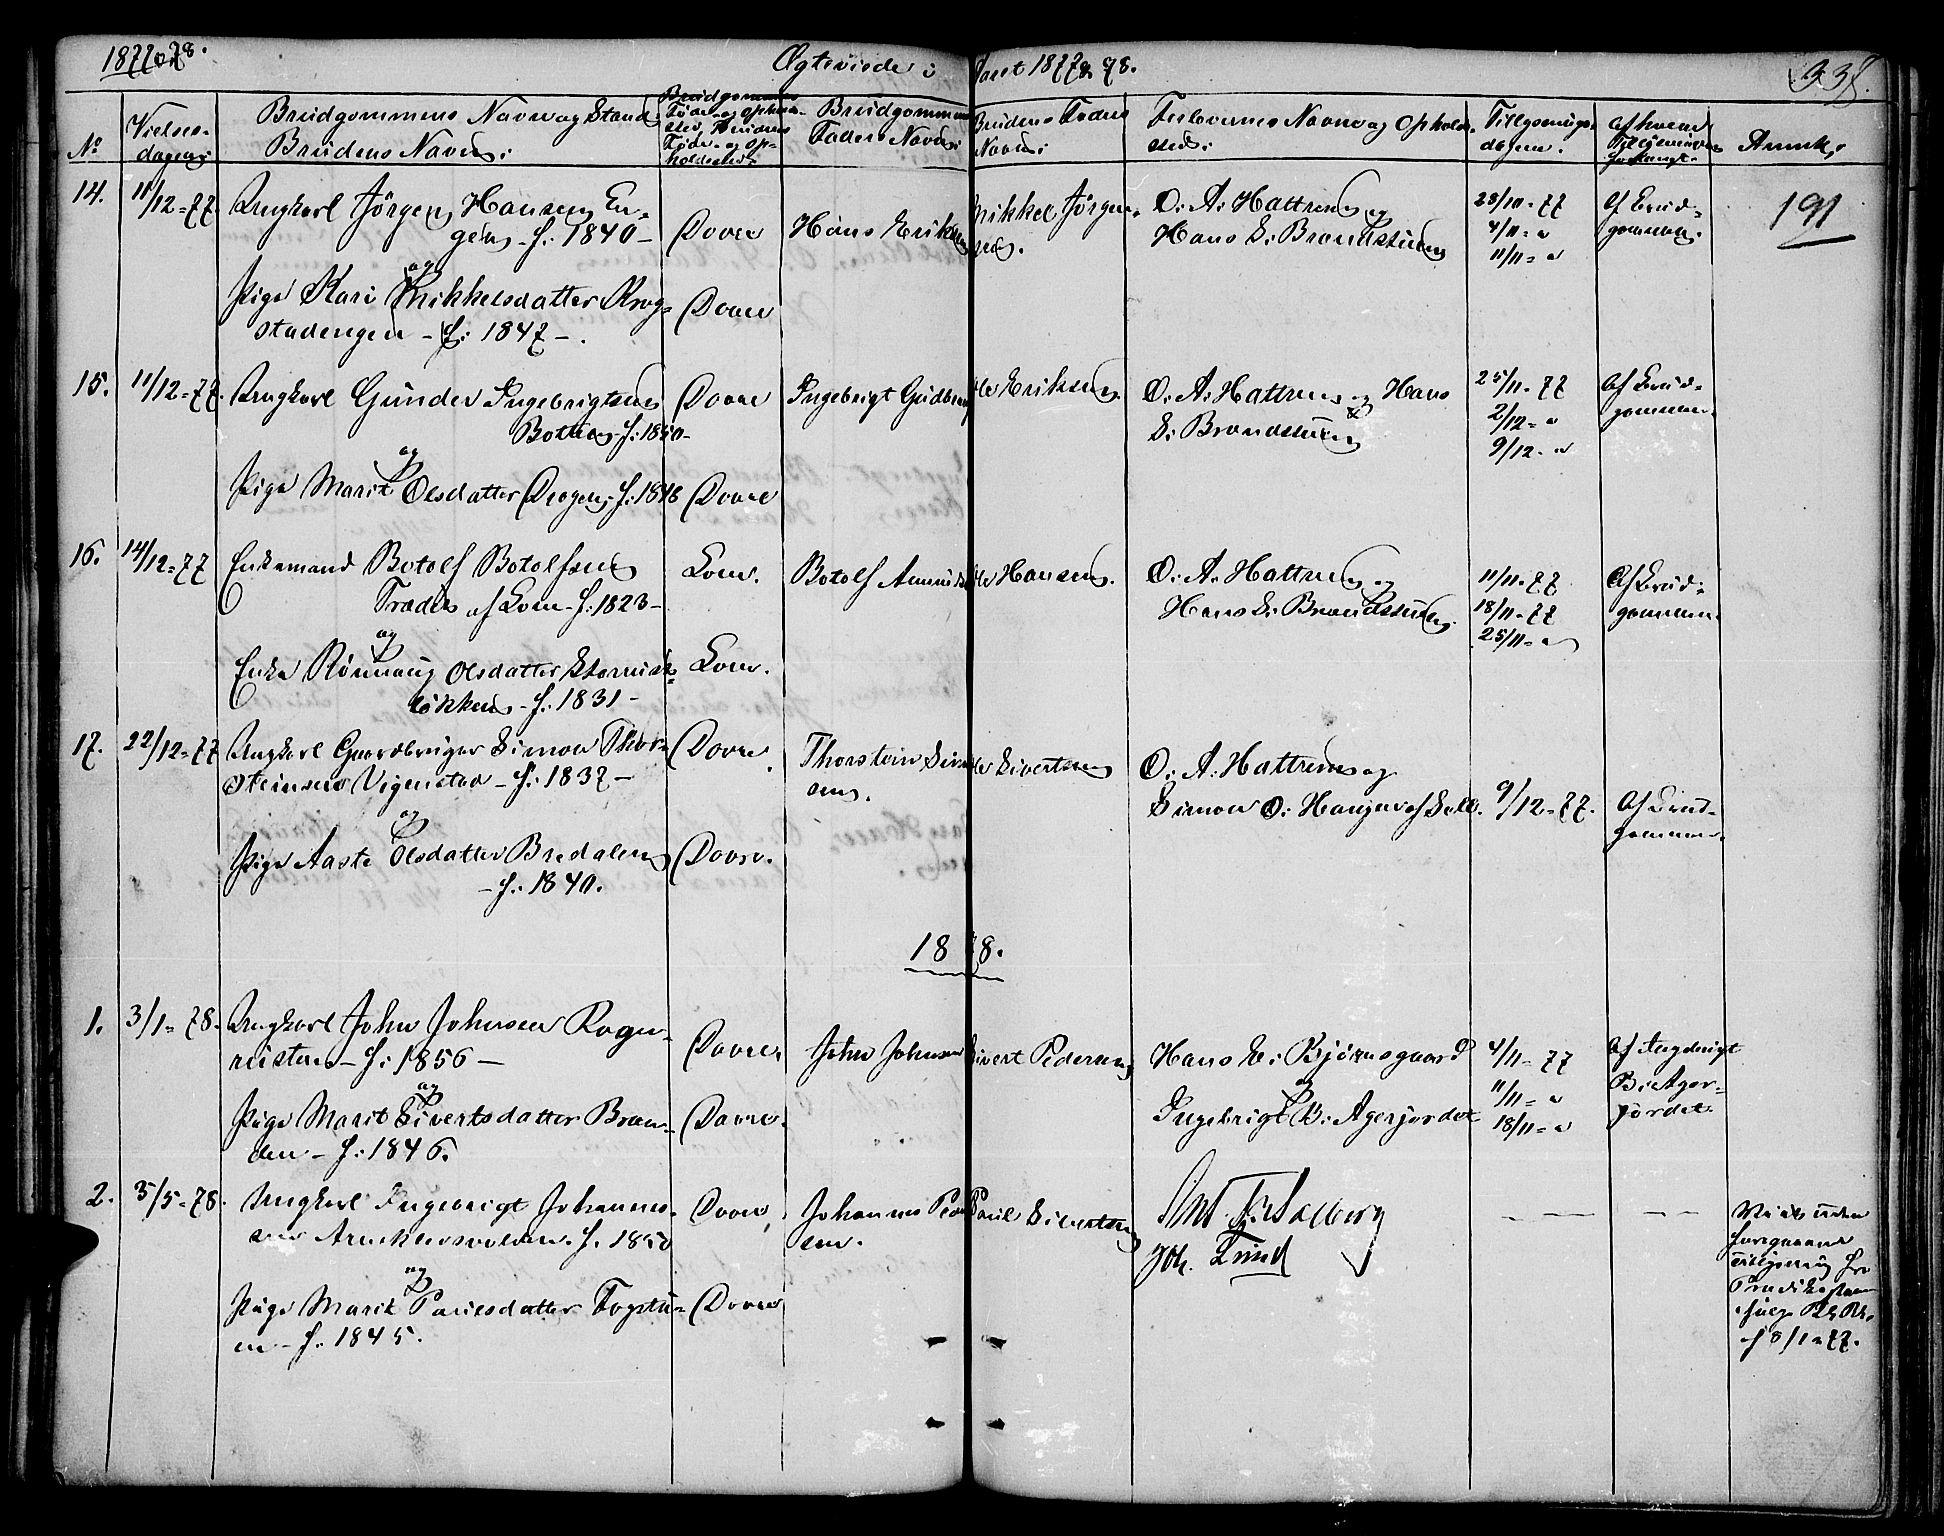 SAH, Dovre prestekontor, Klokkerbok nr. 1, 1862-1880, s. 337